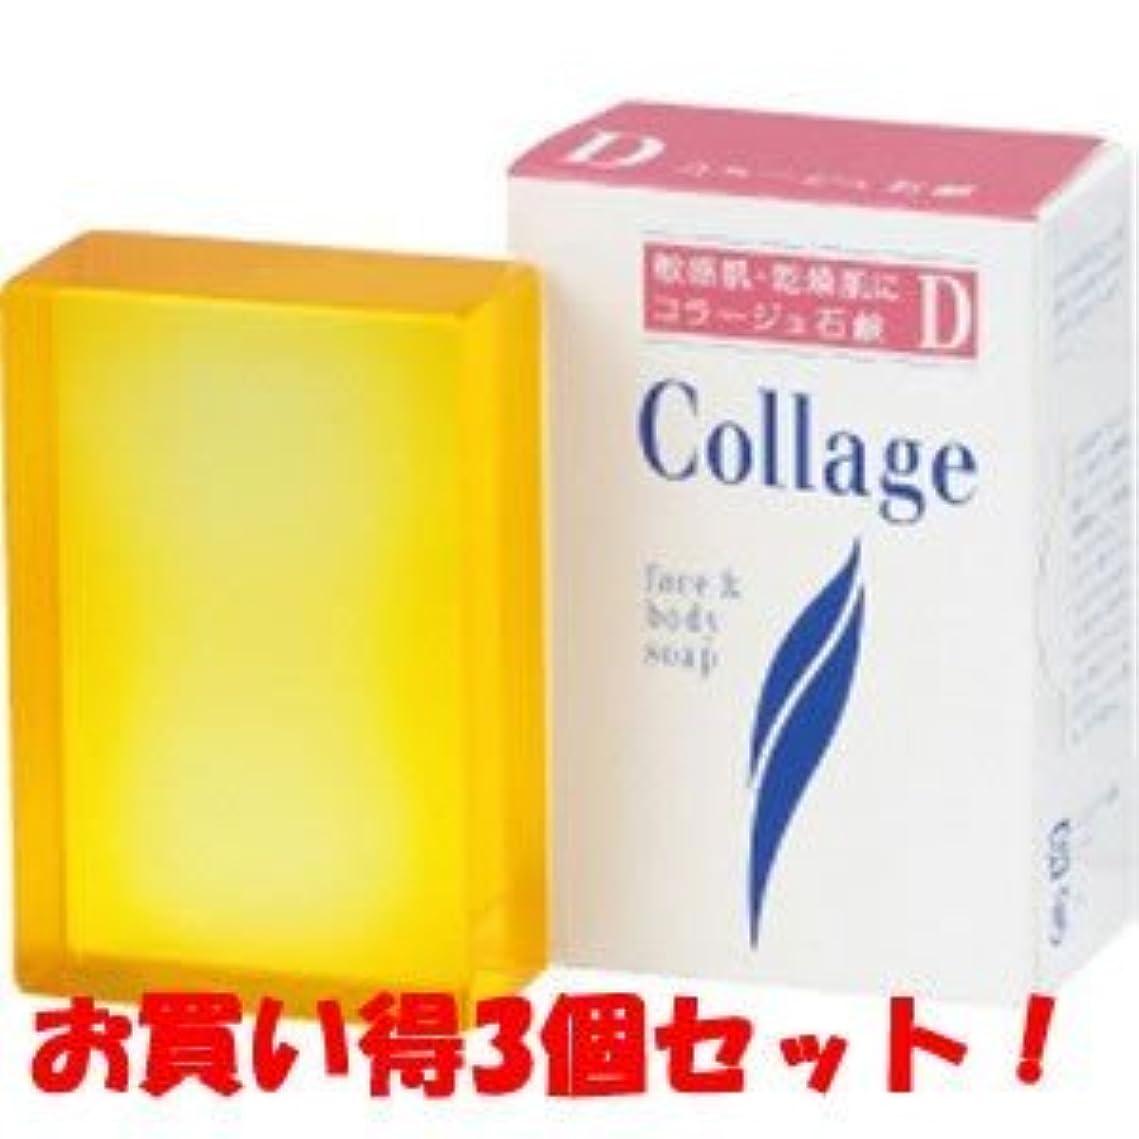 支配する車両究極の(持田ヘルスケア)コラージュD乾性肌用石鹸 100g(お買い得3個セット)